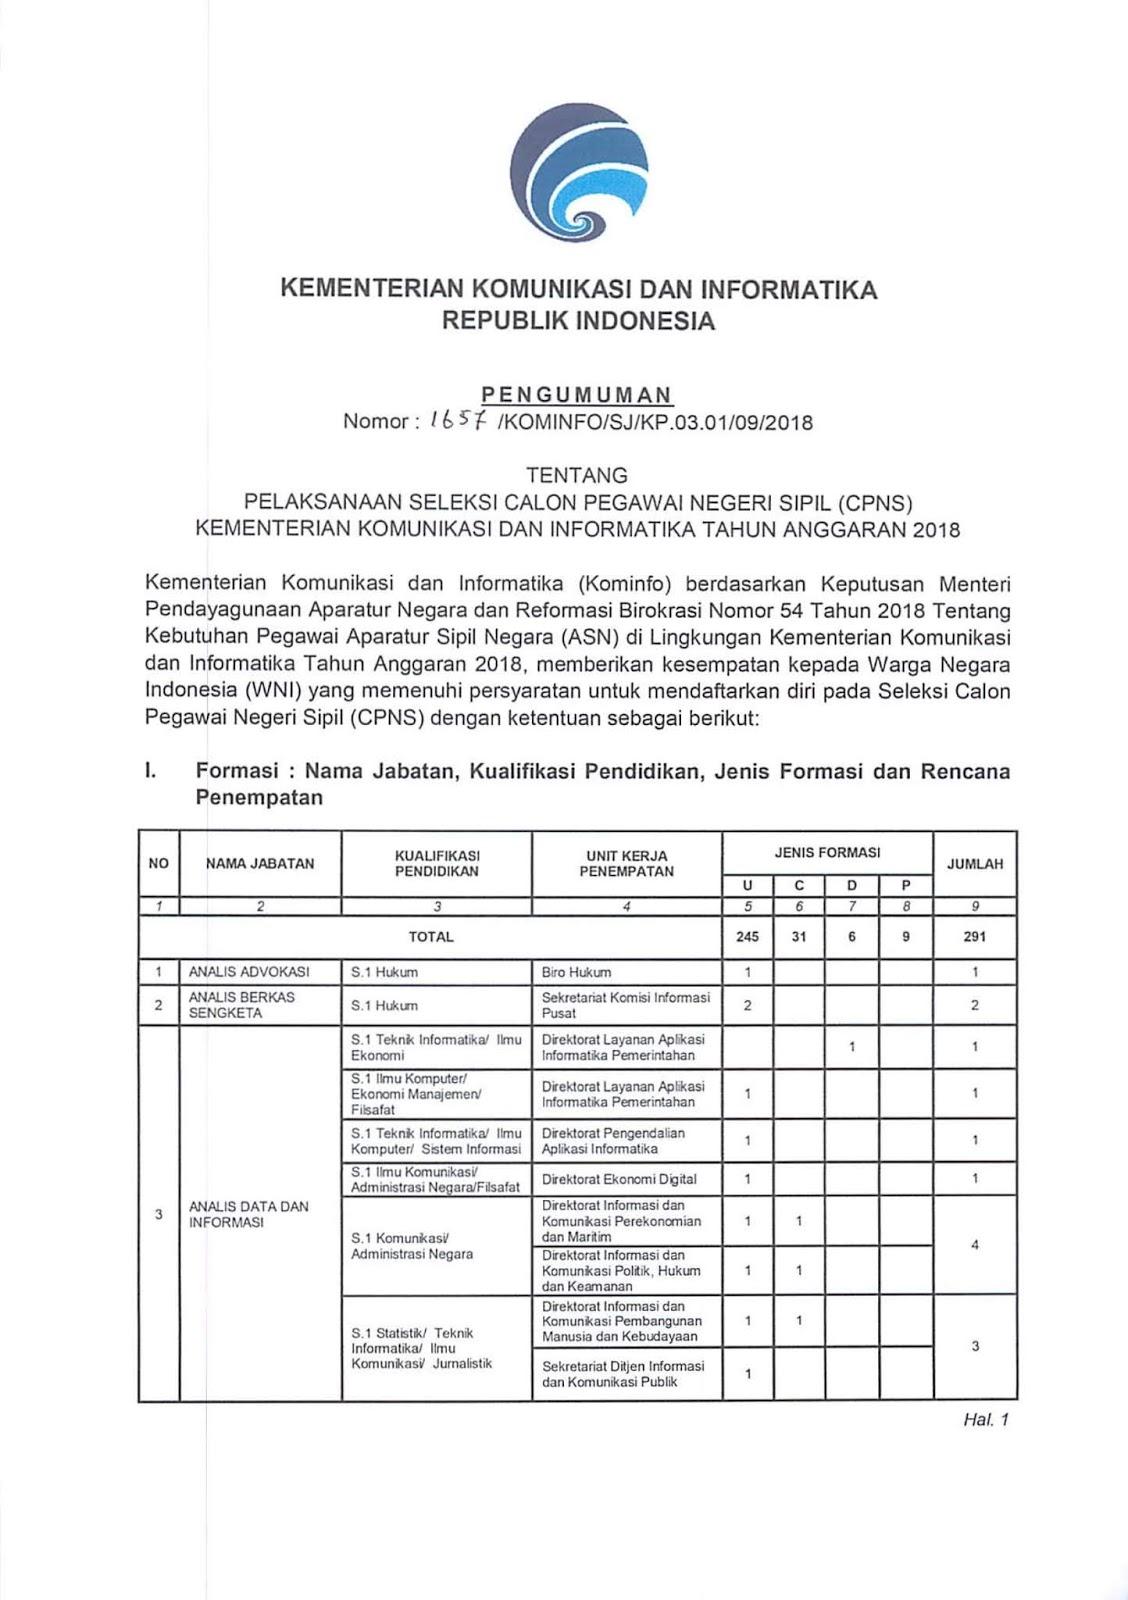 Lowongan Kerja  Rekrutmen CPNS Kementerian Komunikasi dan Informatika Republik Indonesia [291 Formasi]  Oktober 2018